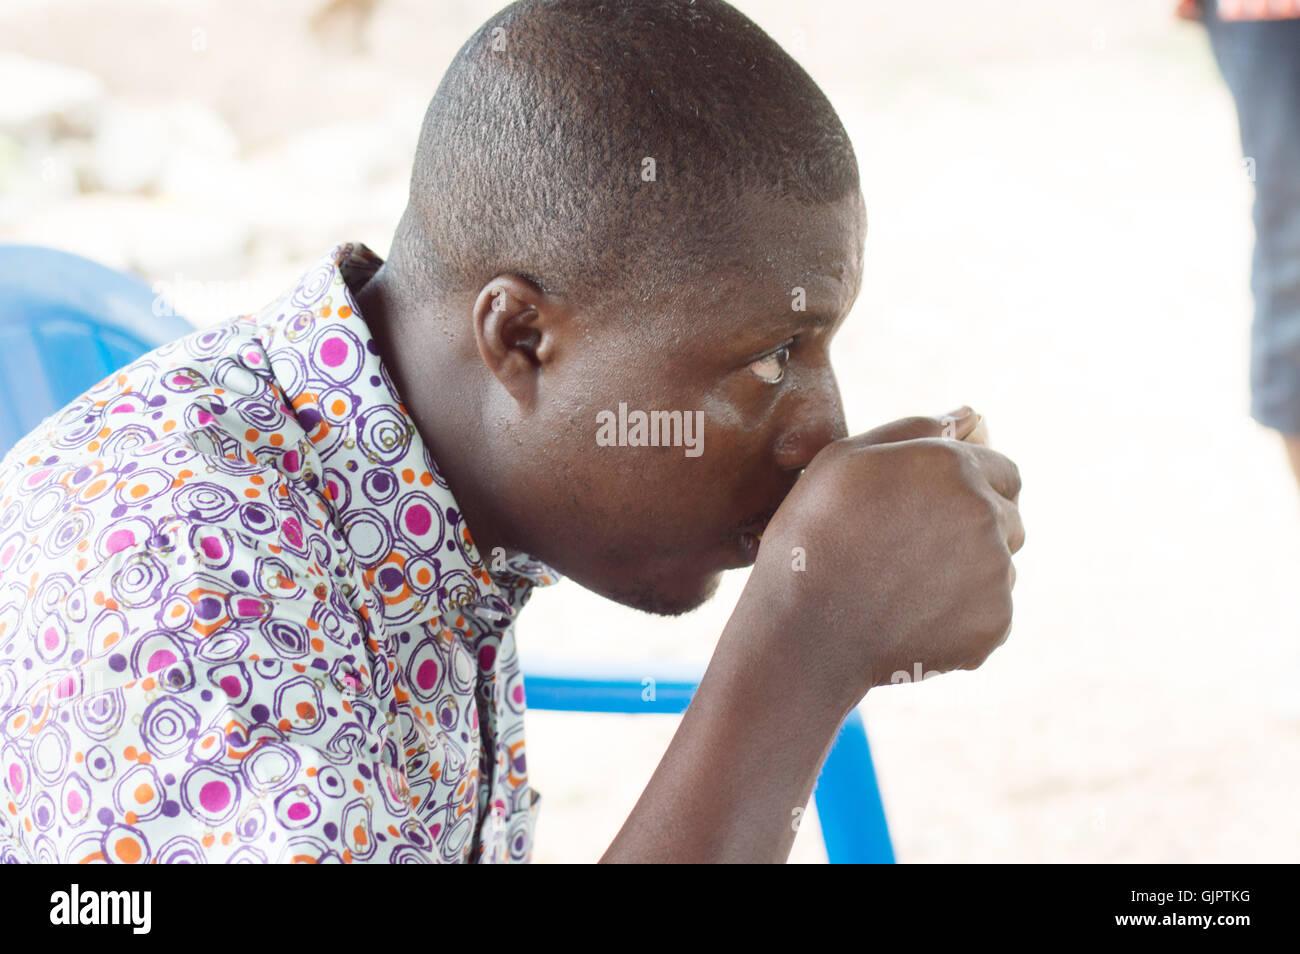 mit einer traditionellen Tasse in der Hand aktualisiert dieser junge Mann die Kehle durch die Palmwein. Stockbild